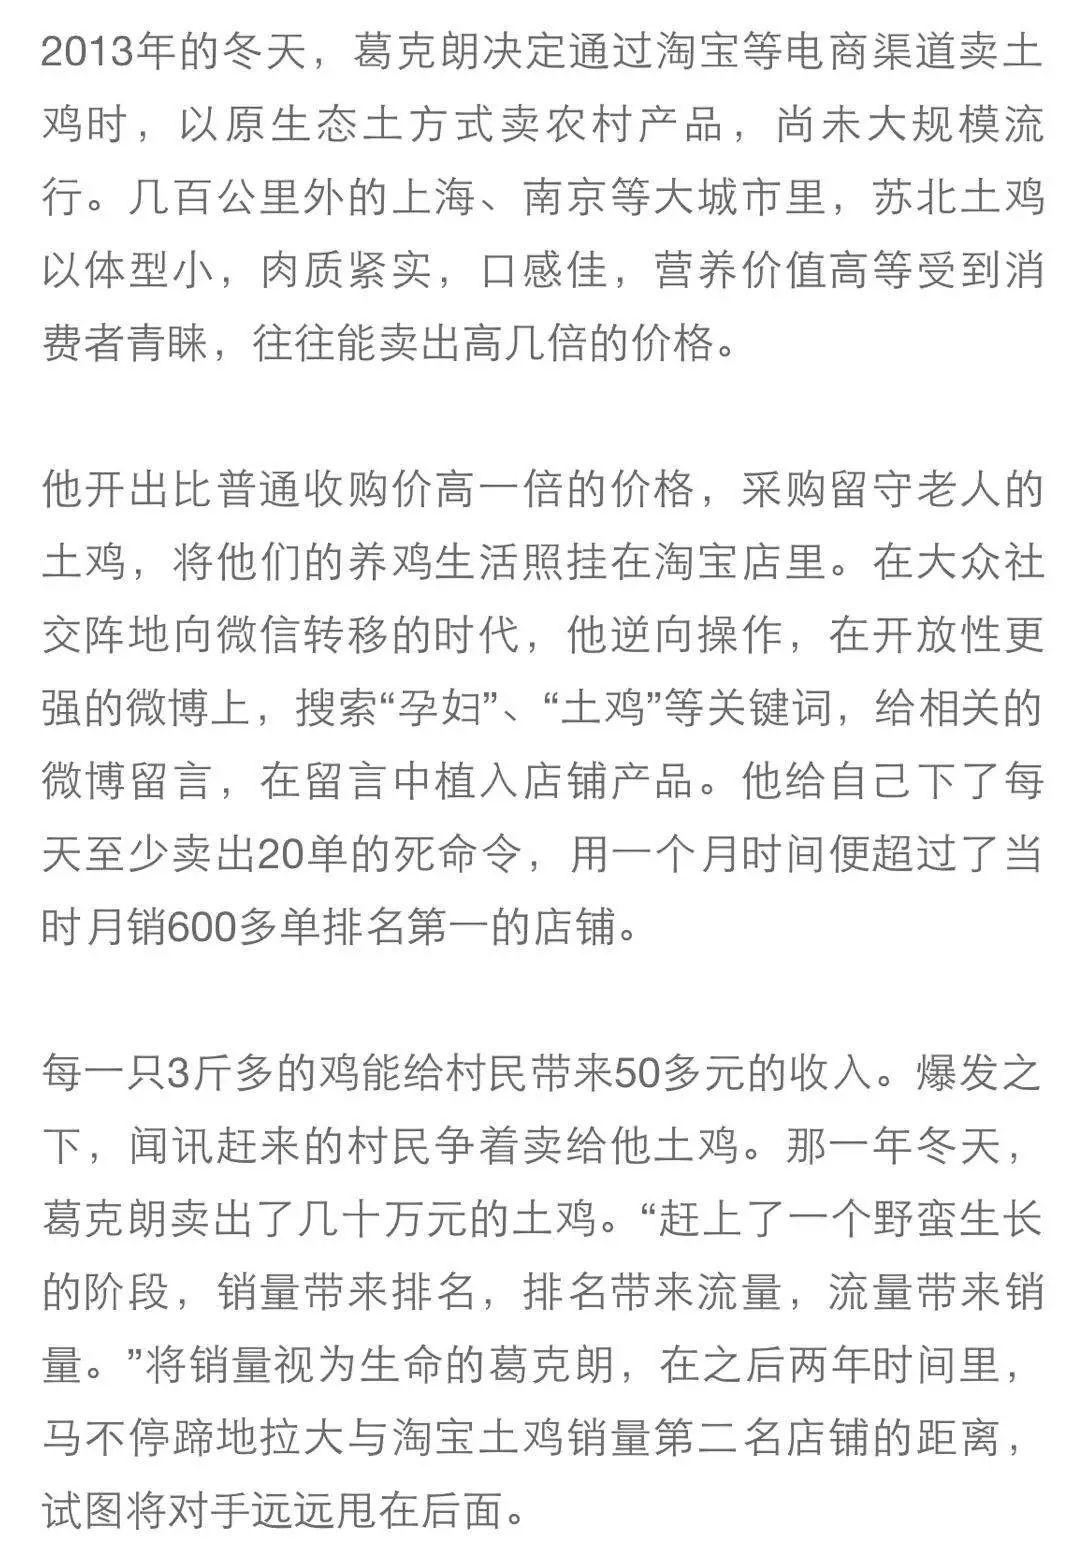 土鸡排行榜_辞职回乡卖土鸡,淘宝店土鸡销量屡次排名第一